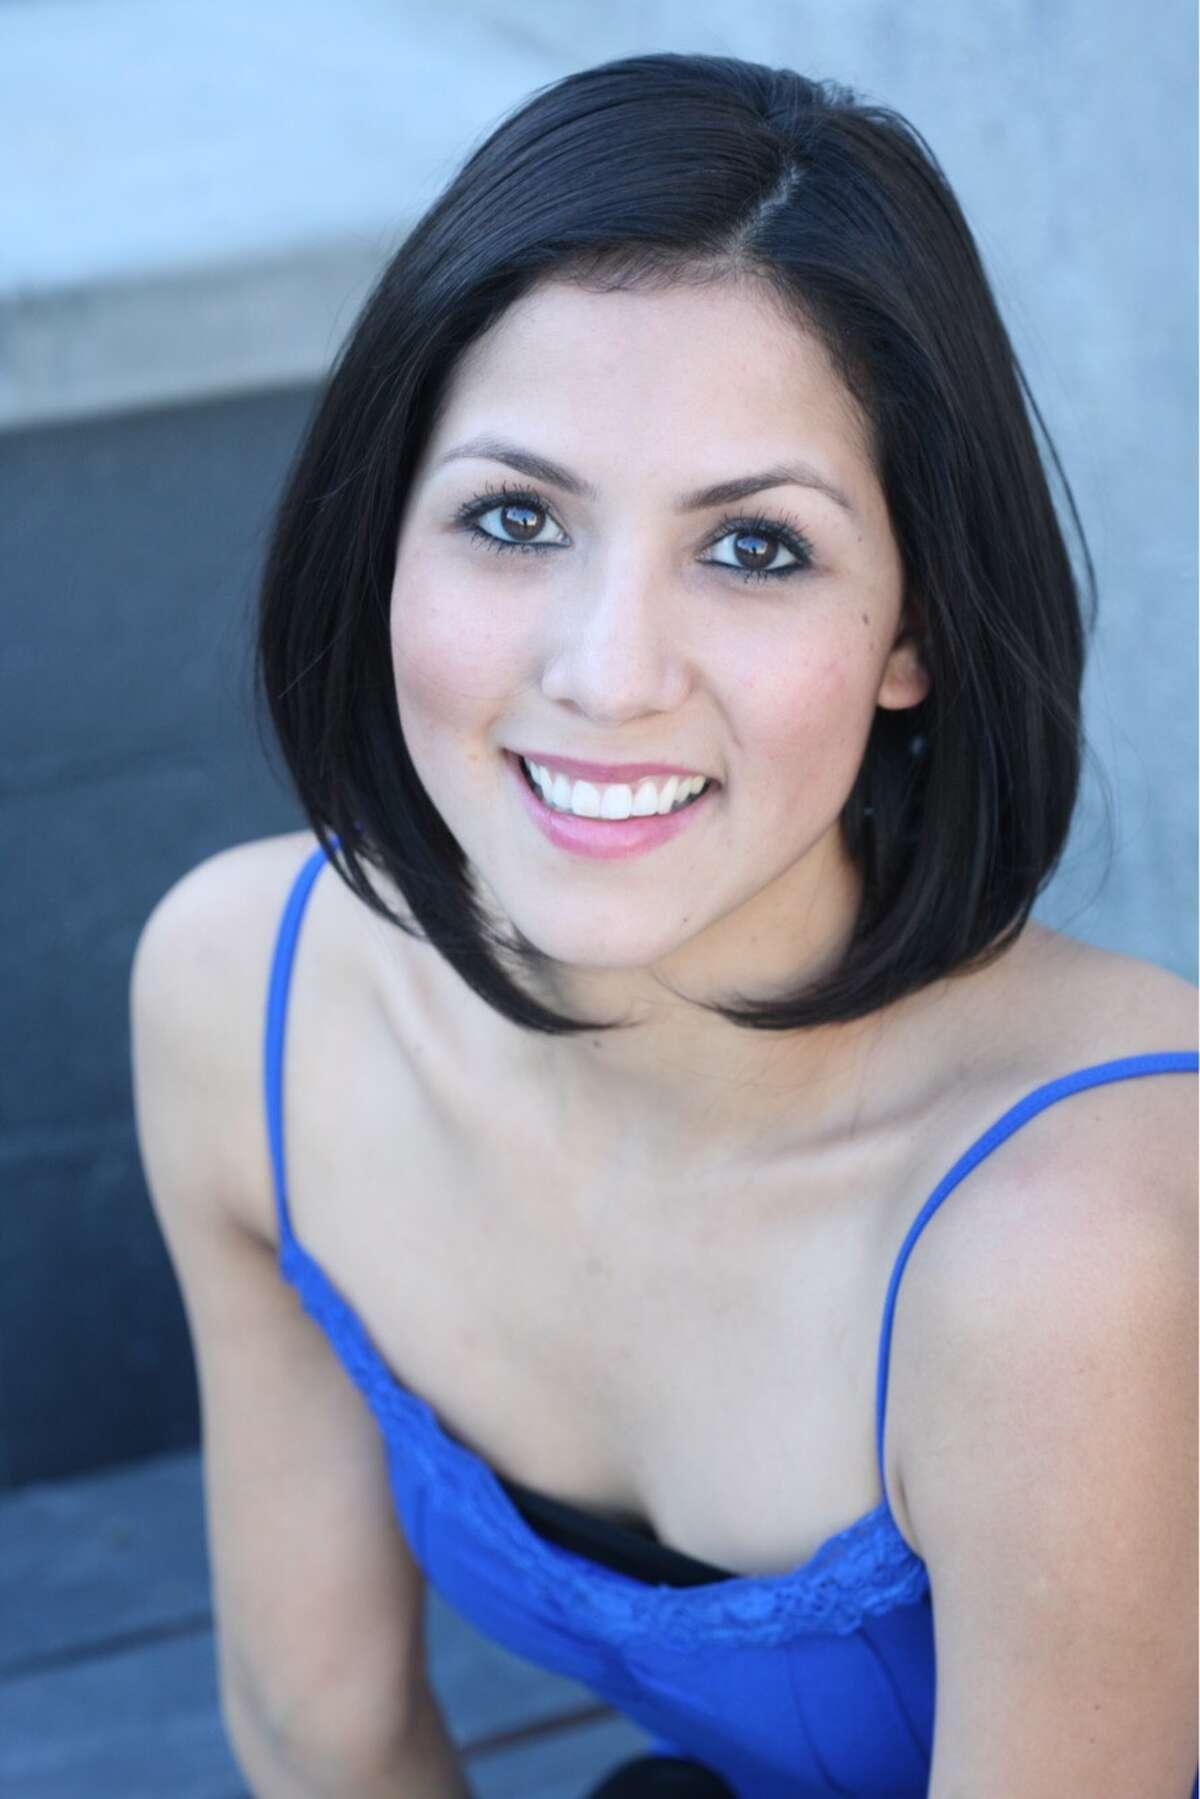 Edith Maldonado will portray Lucinda in